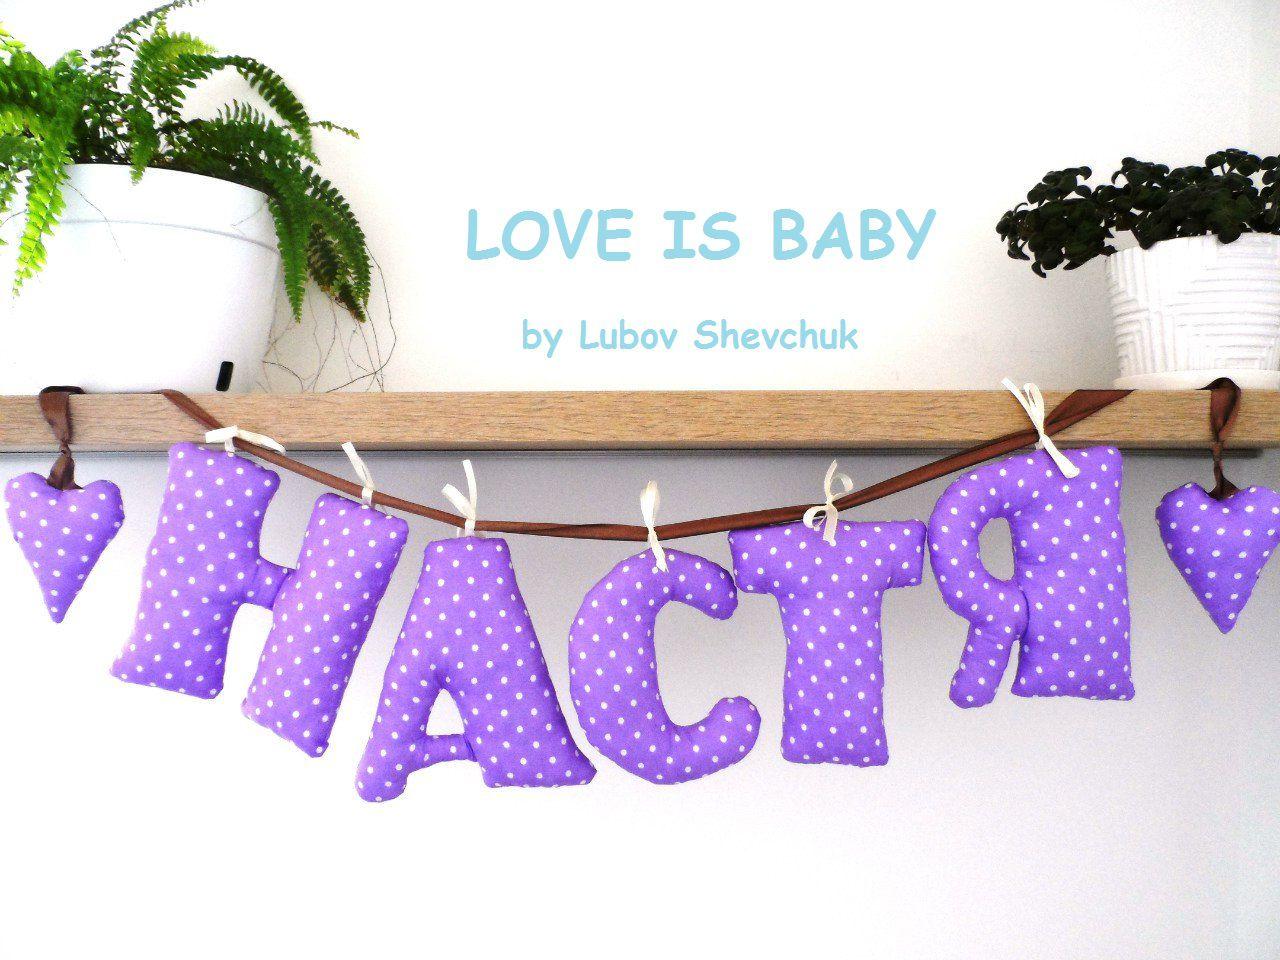 заказ буквы элементы из интерьера букв сиреневый дома подушки декор детской фотосессии имя текстиль для подушек на малыша ткани декоративные